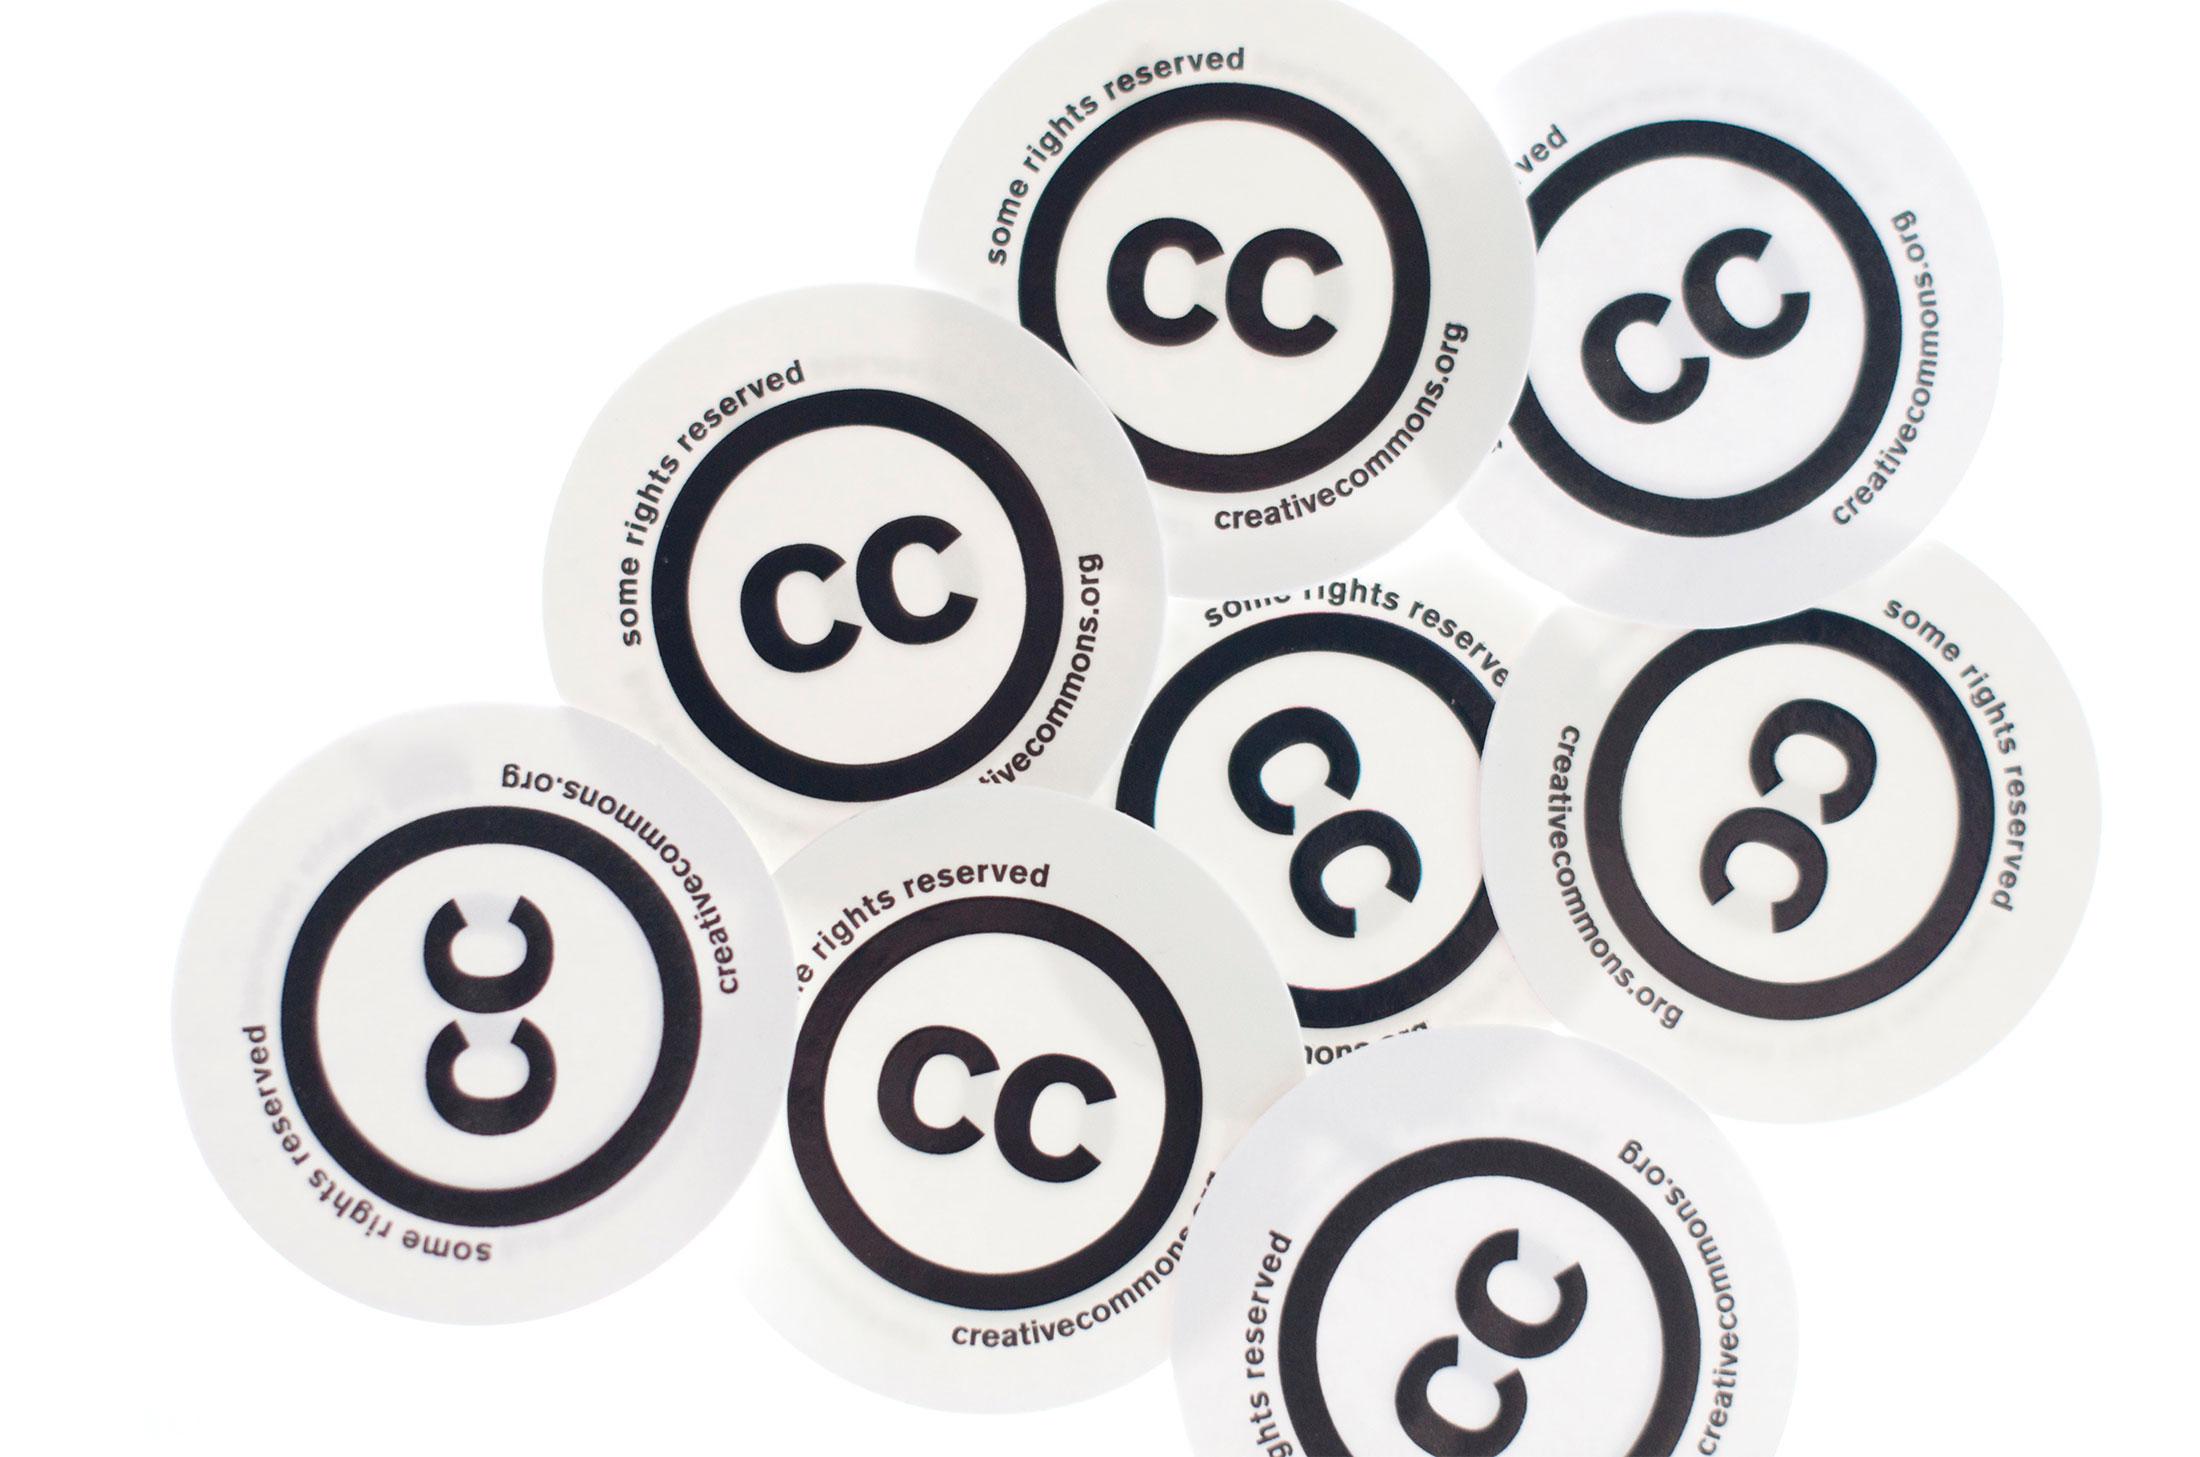 Droit d'auteur & creative commons